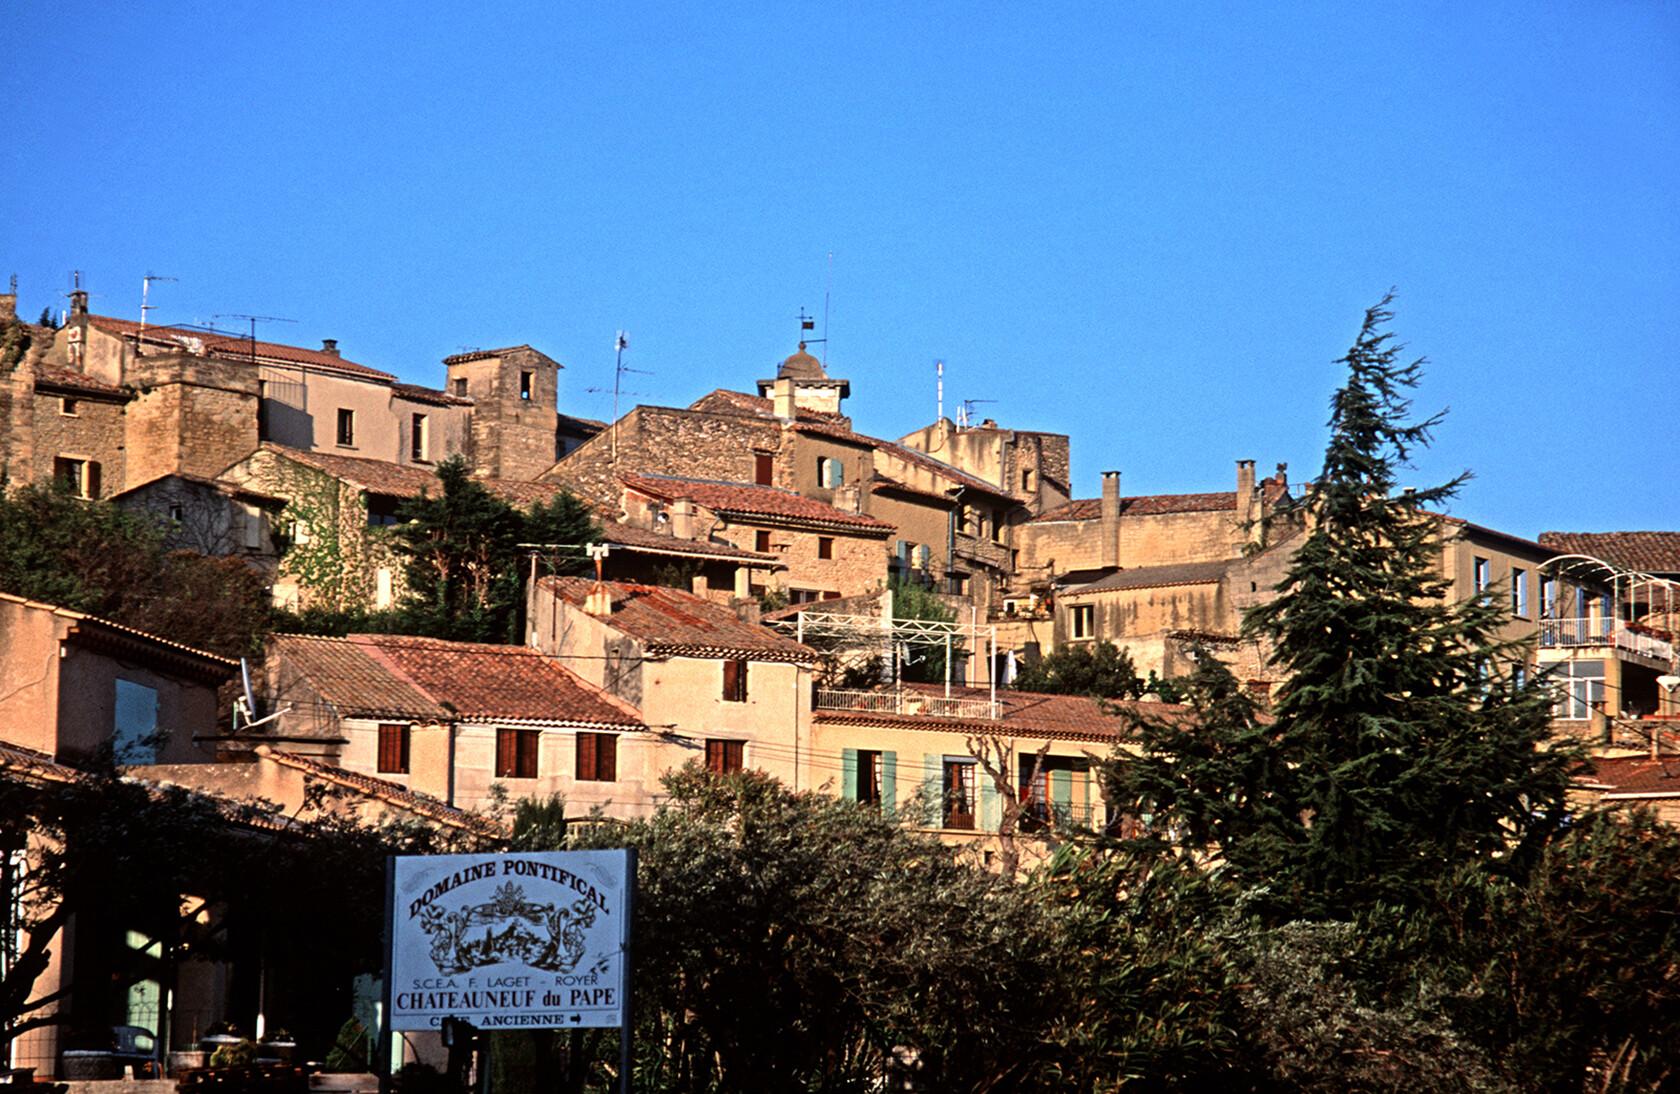 Chateauneuf du Pape Village